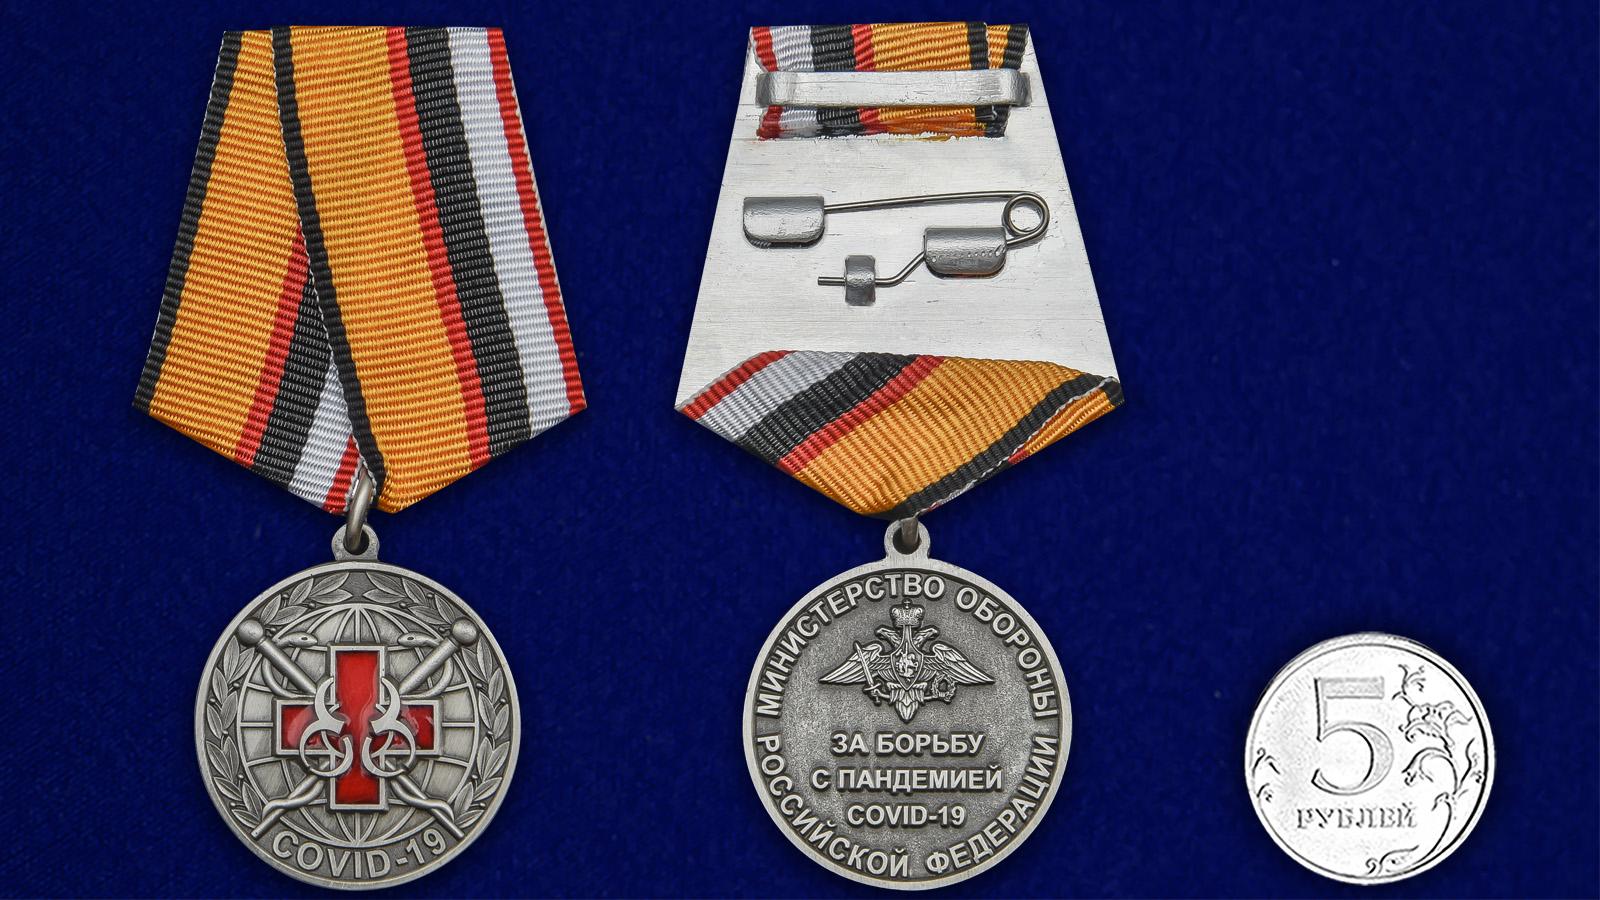 Наградная медаль За борьбу с пандемией COVID-19 - сравнительный вид